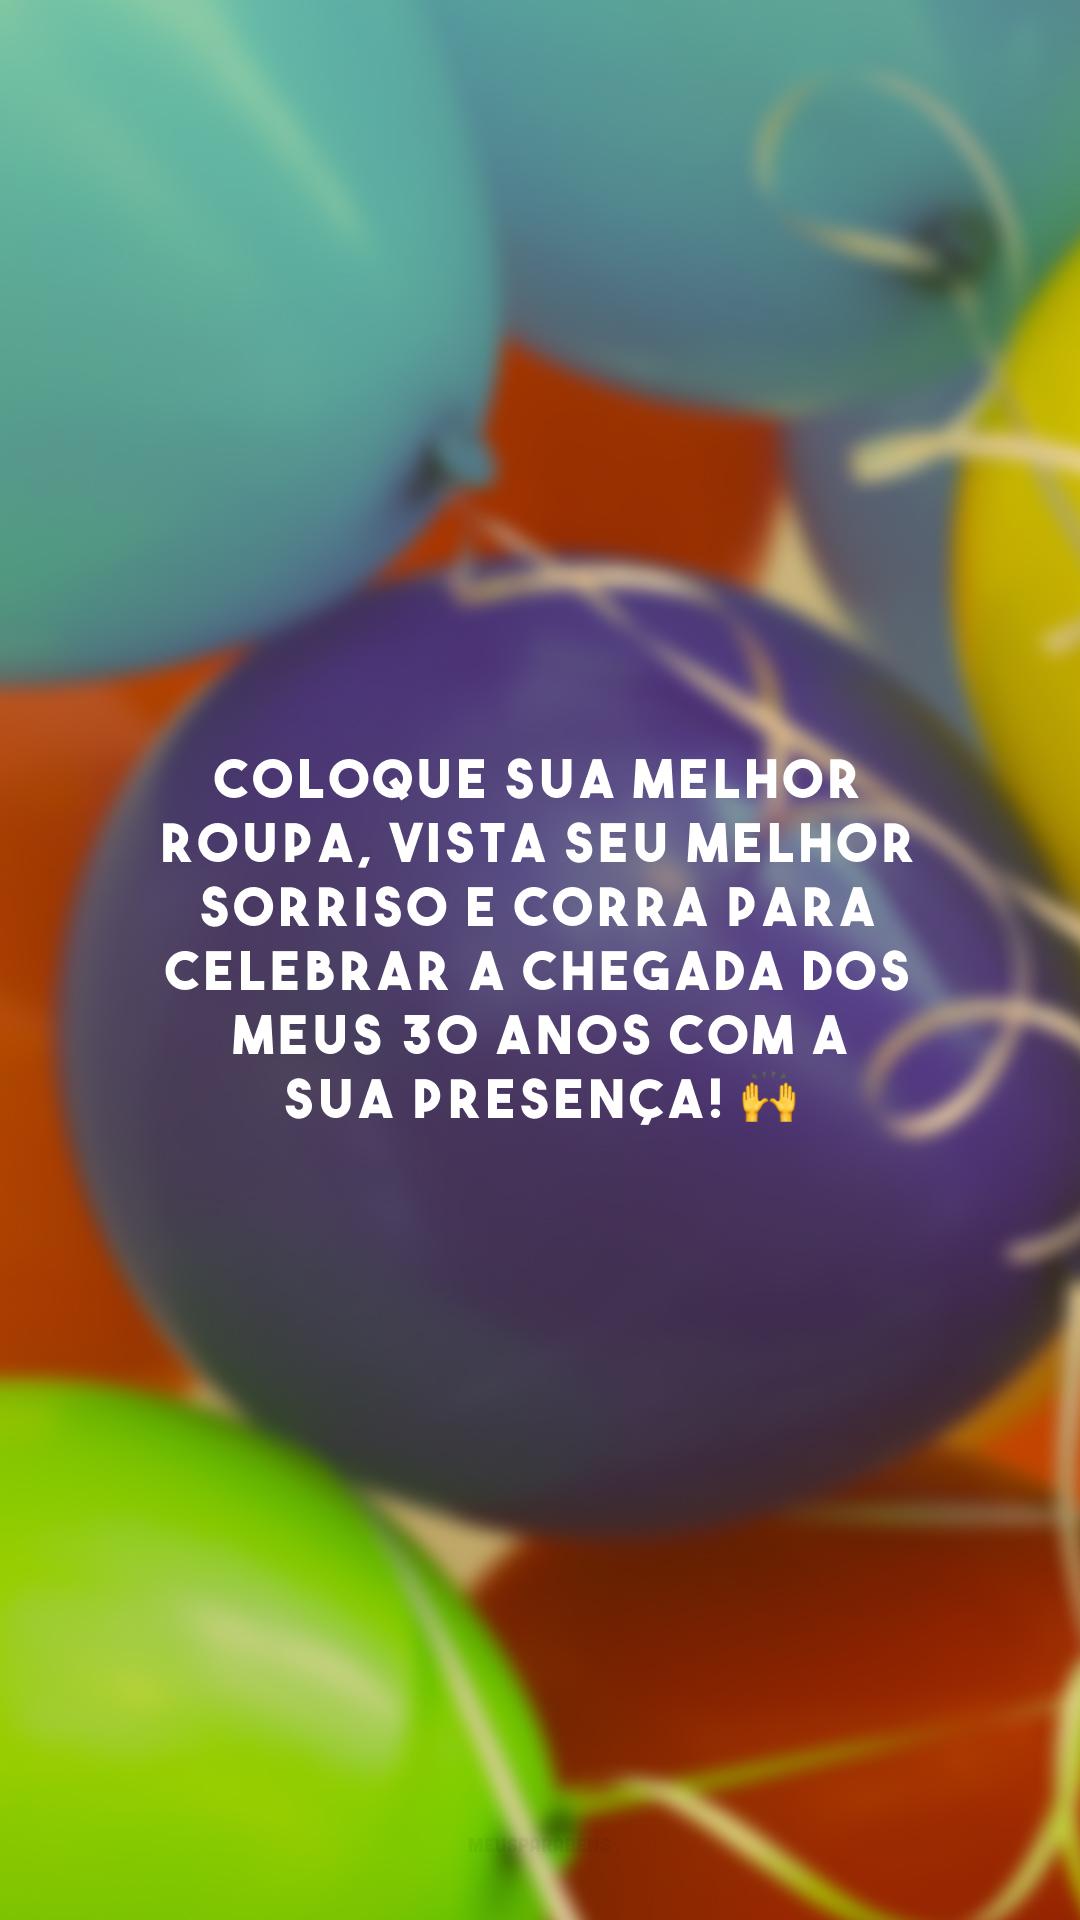 Coloque sua melhor roupa, vista seu melhor sorriso e corra para celebrar a chegada dos meus 30 anos com a sua presença! 🙌